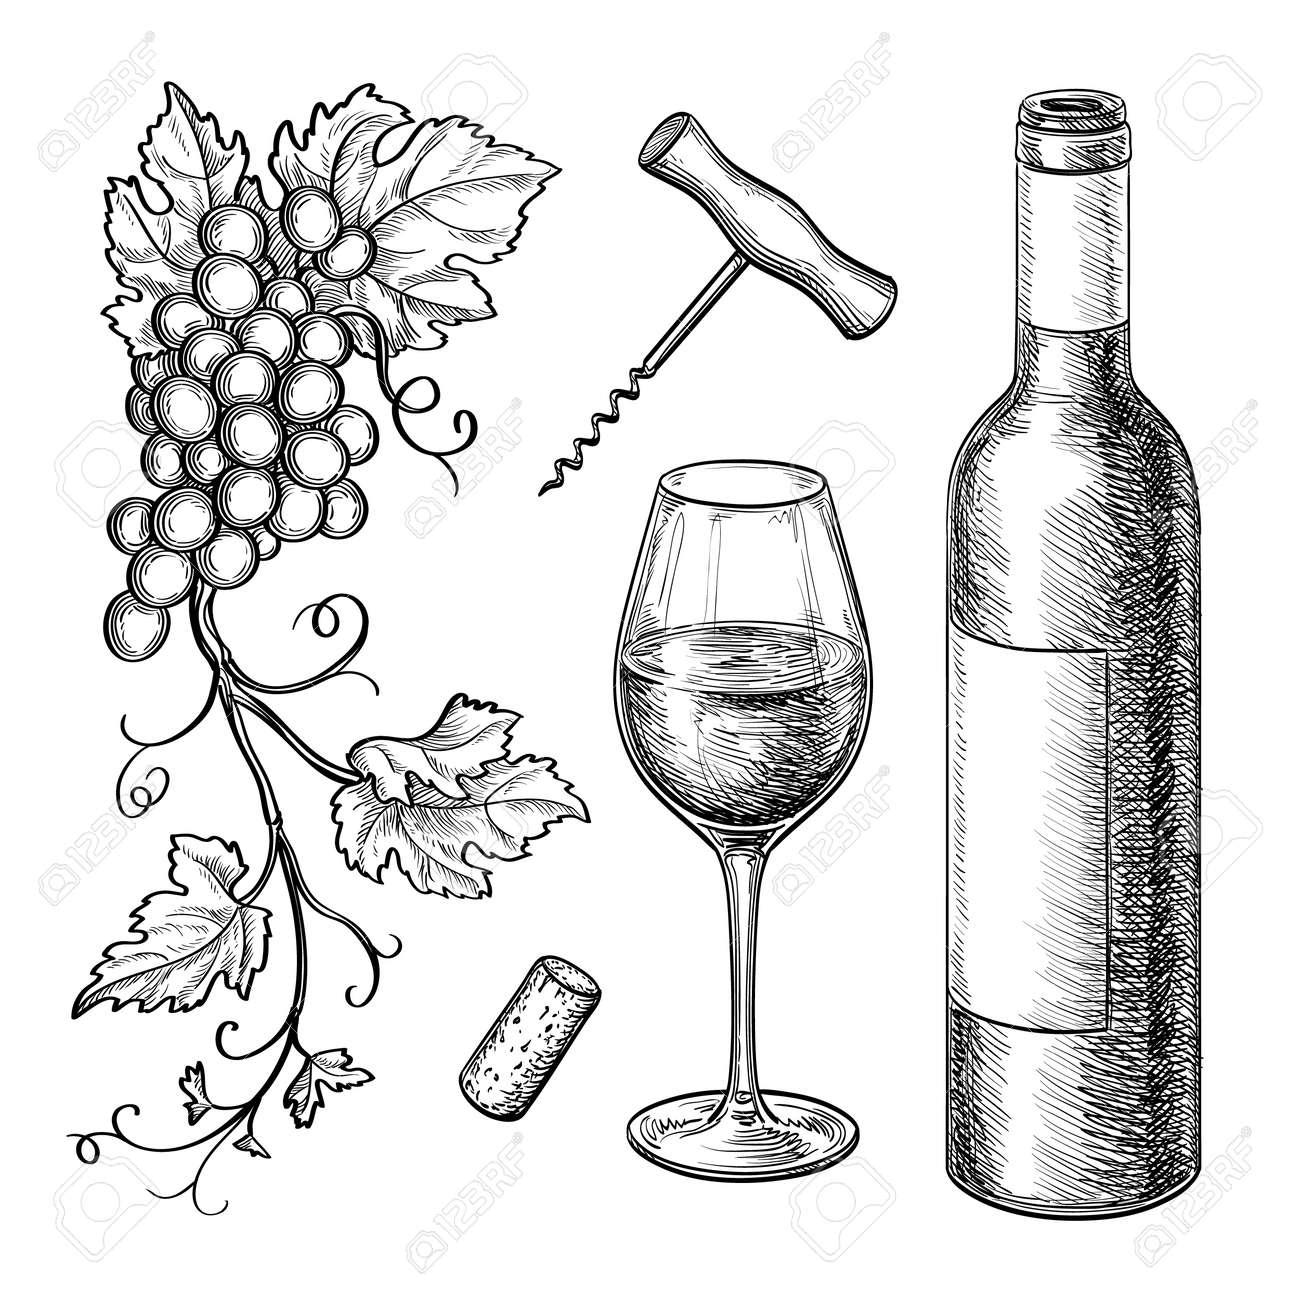 Branches de raisin, bouteille, verre de vin, tire bouchon, liège. Isolé sur fond blanc. Illustration dessinée à la main. Style rétro.